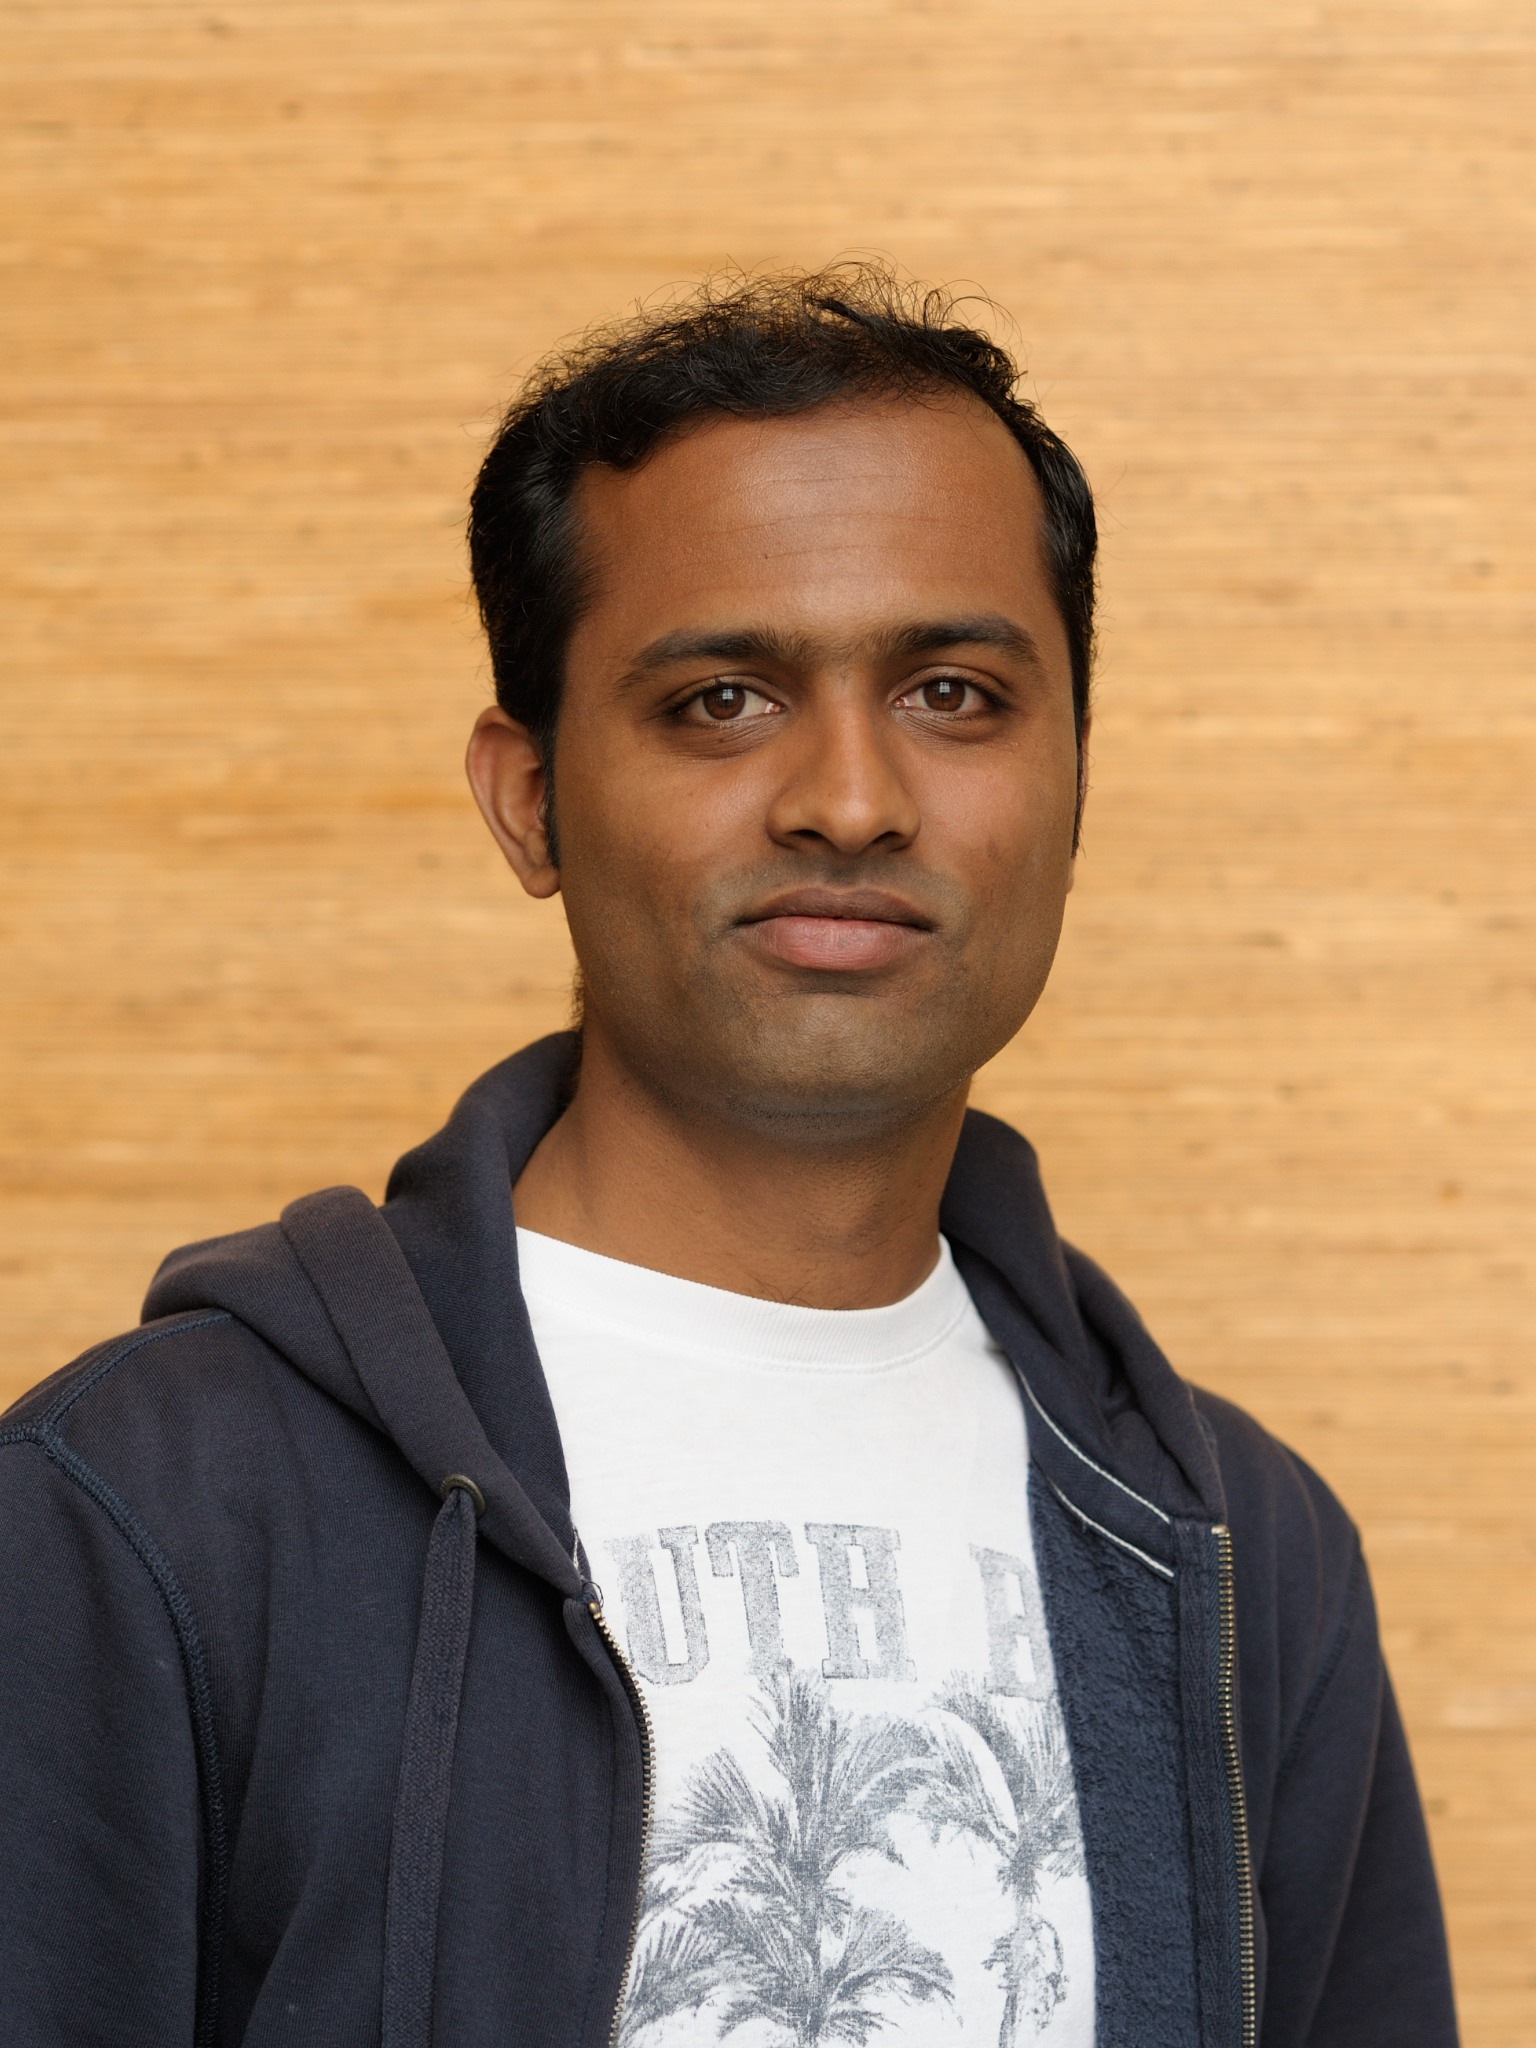 Sitaram Rajaraman